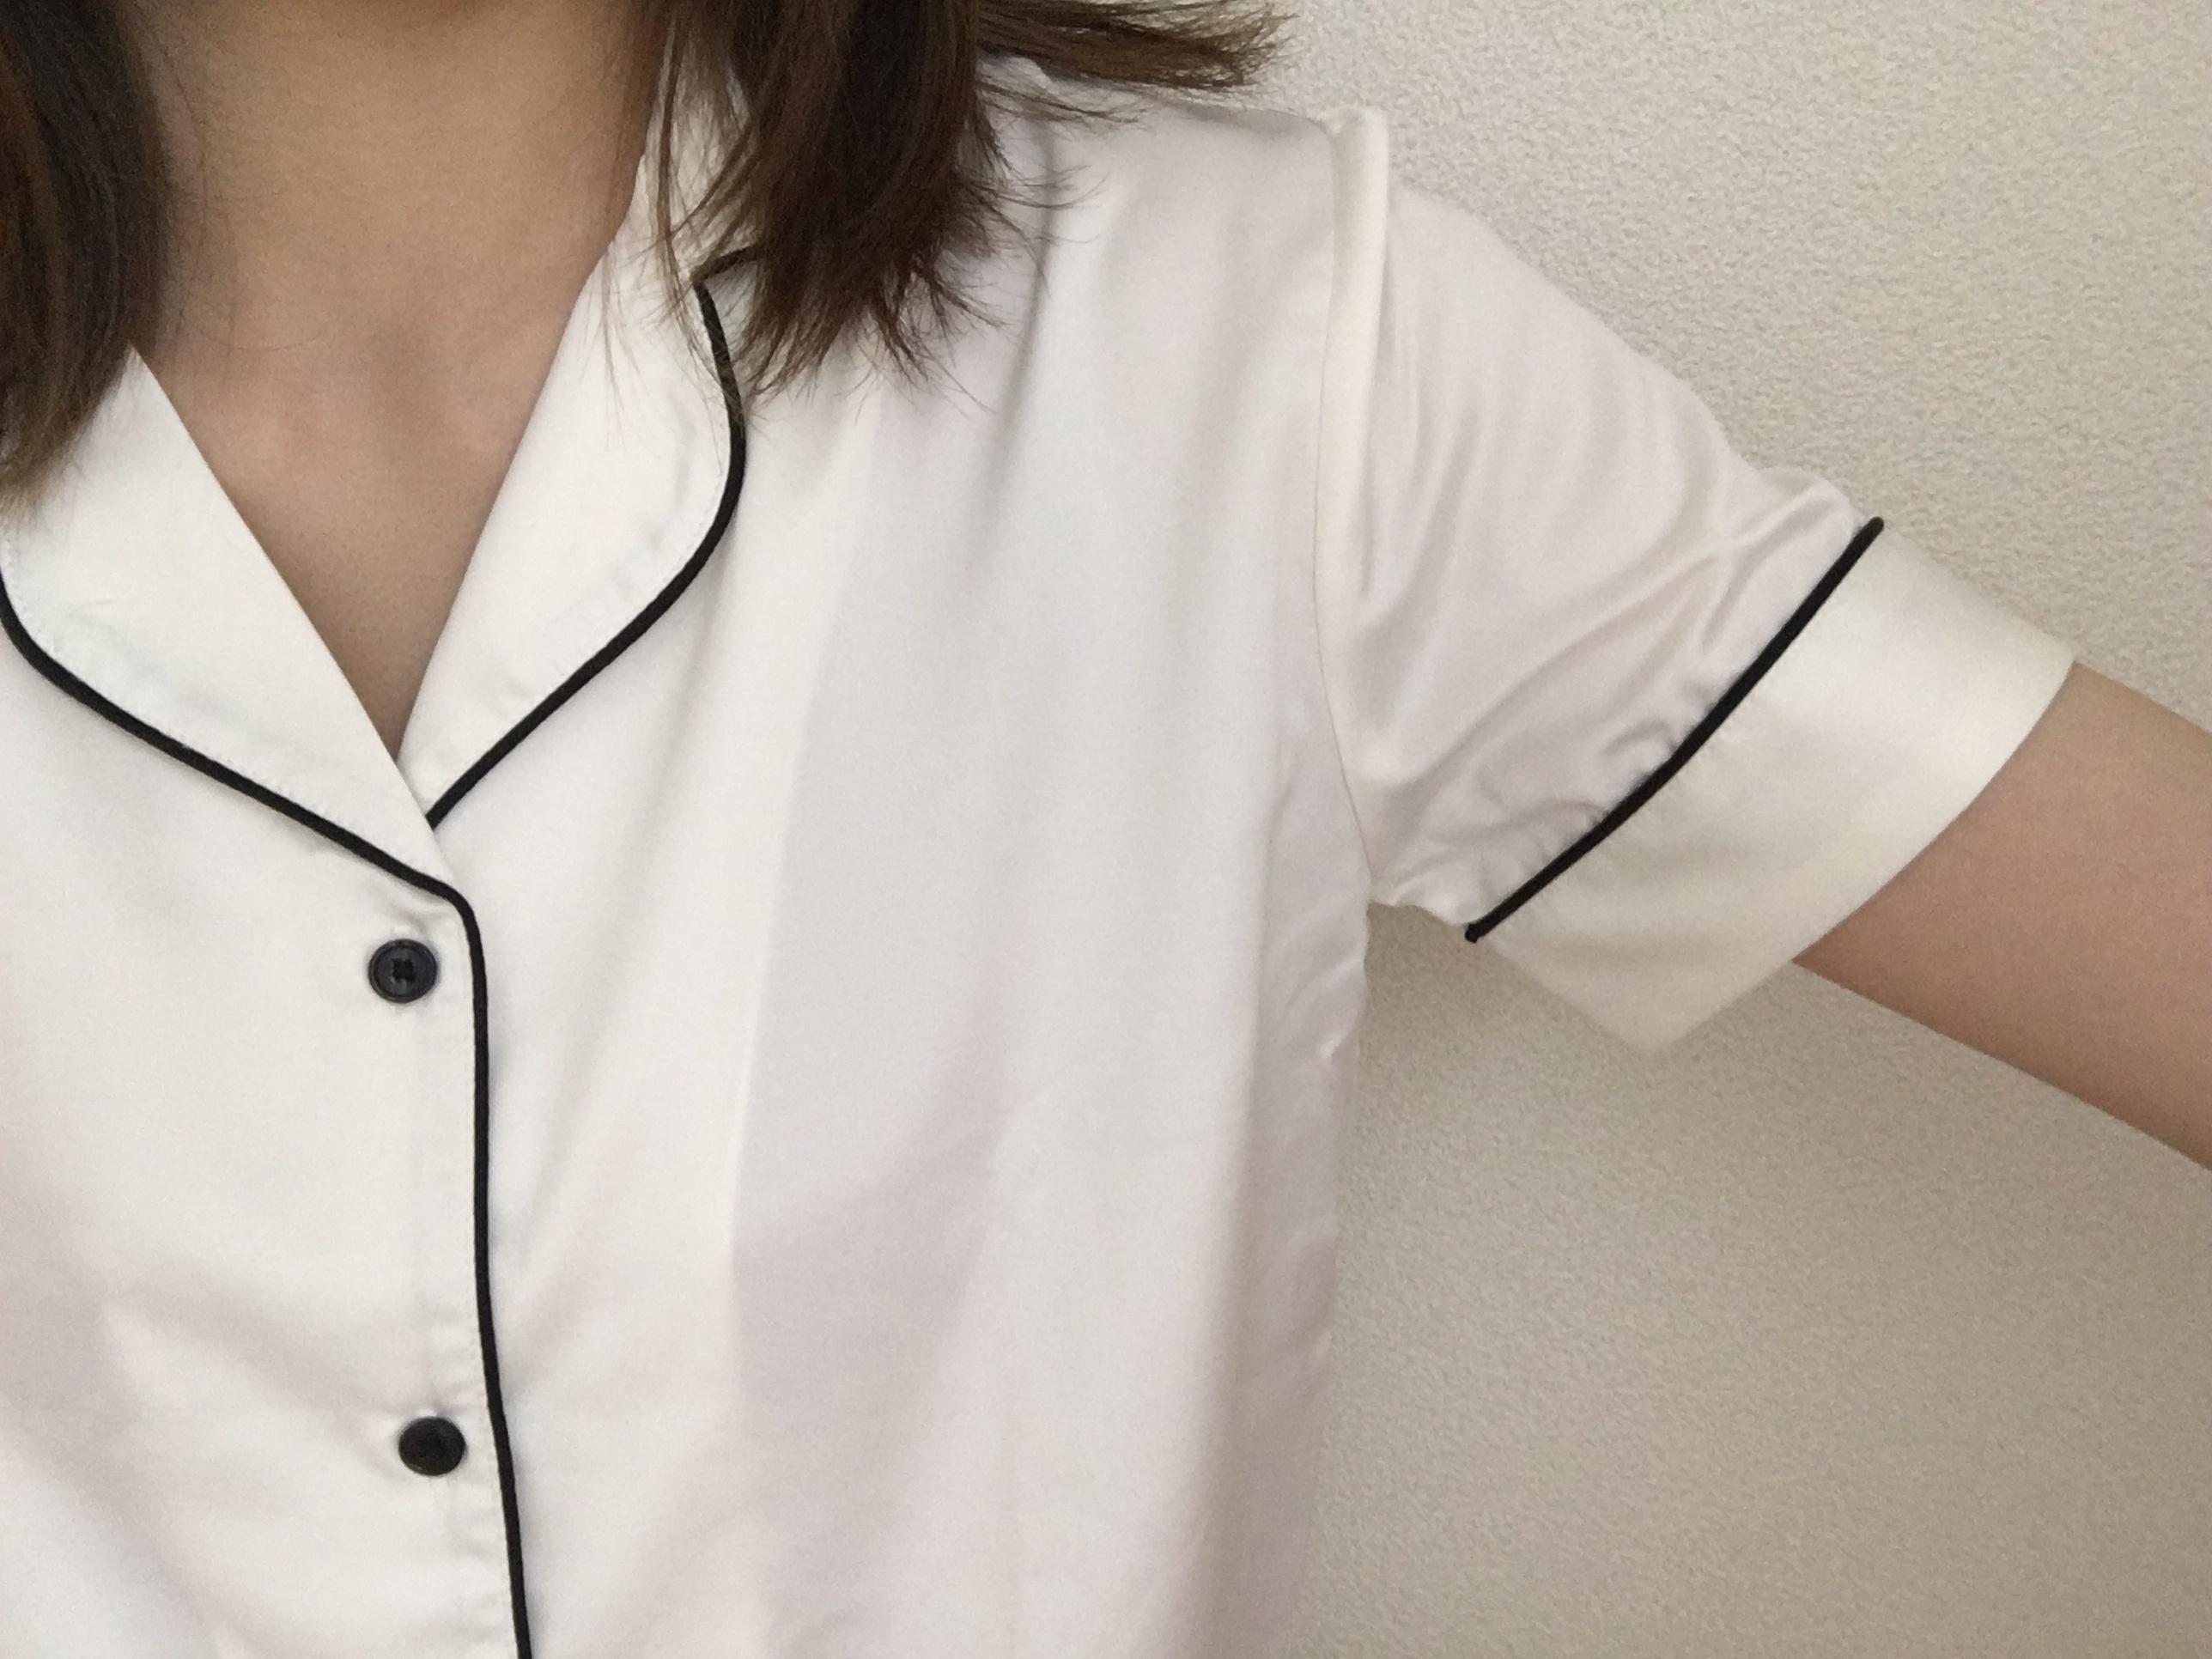 ★やっぱりパジャマは【GU】で!2490円でサテンの高見えパジャマはいかがですか??_2